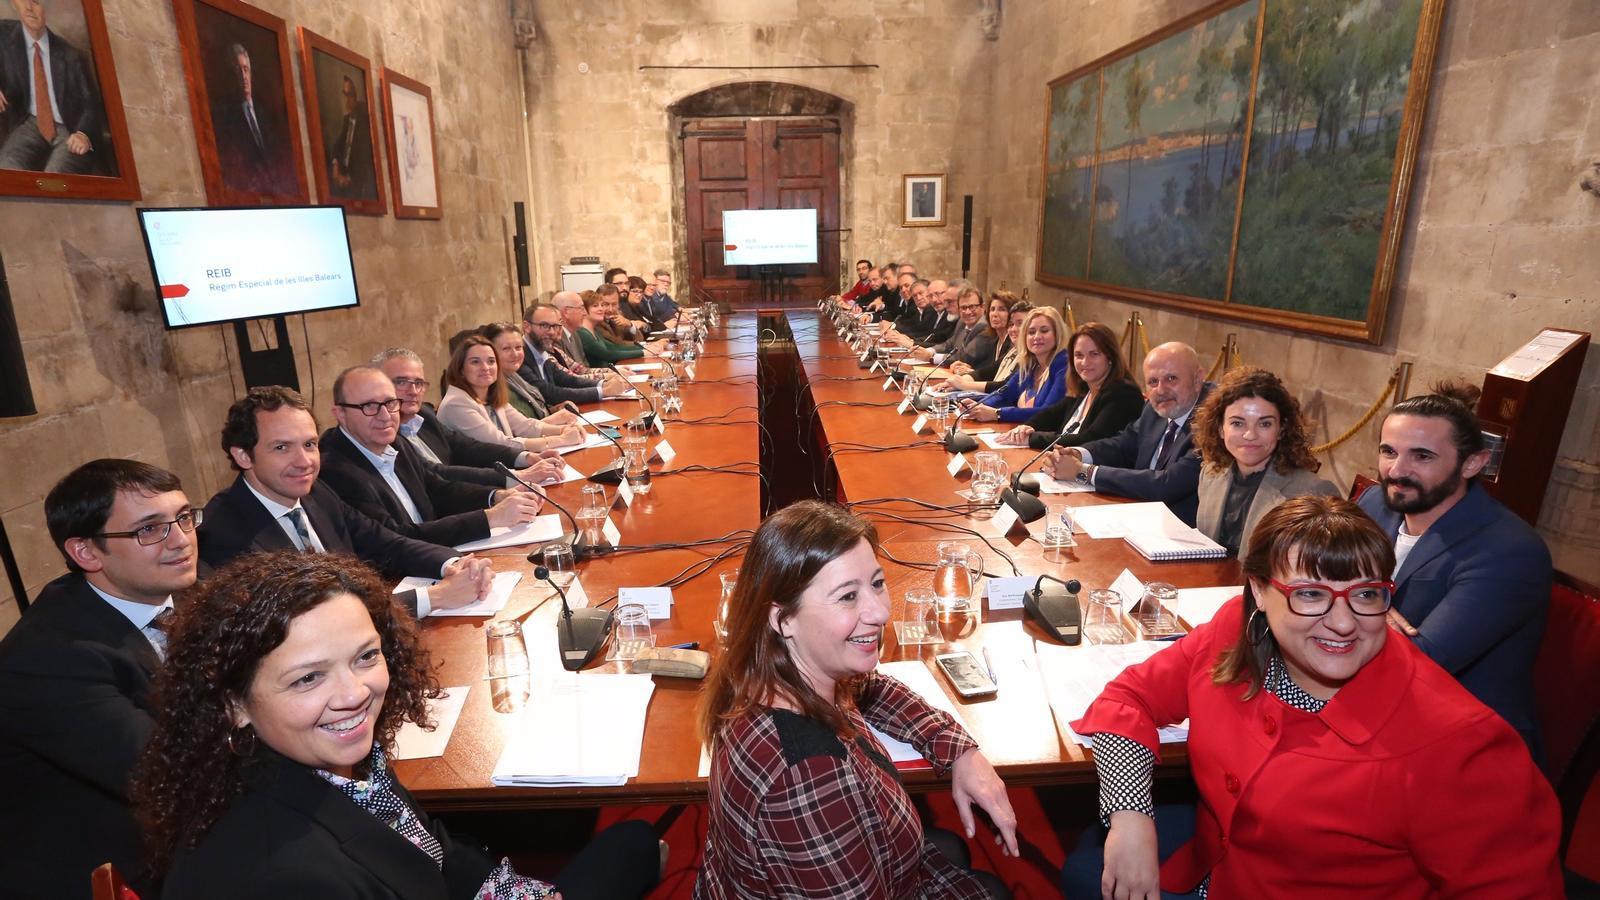 Un moment de la reunió del Govern amb els representants socials, polítics i econòmics de les Illes.